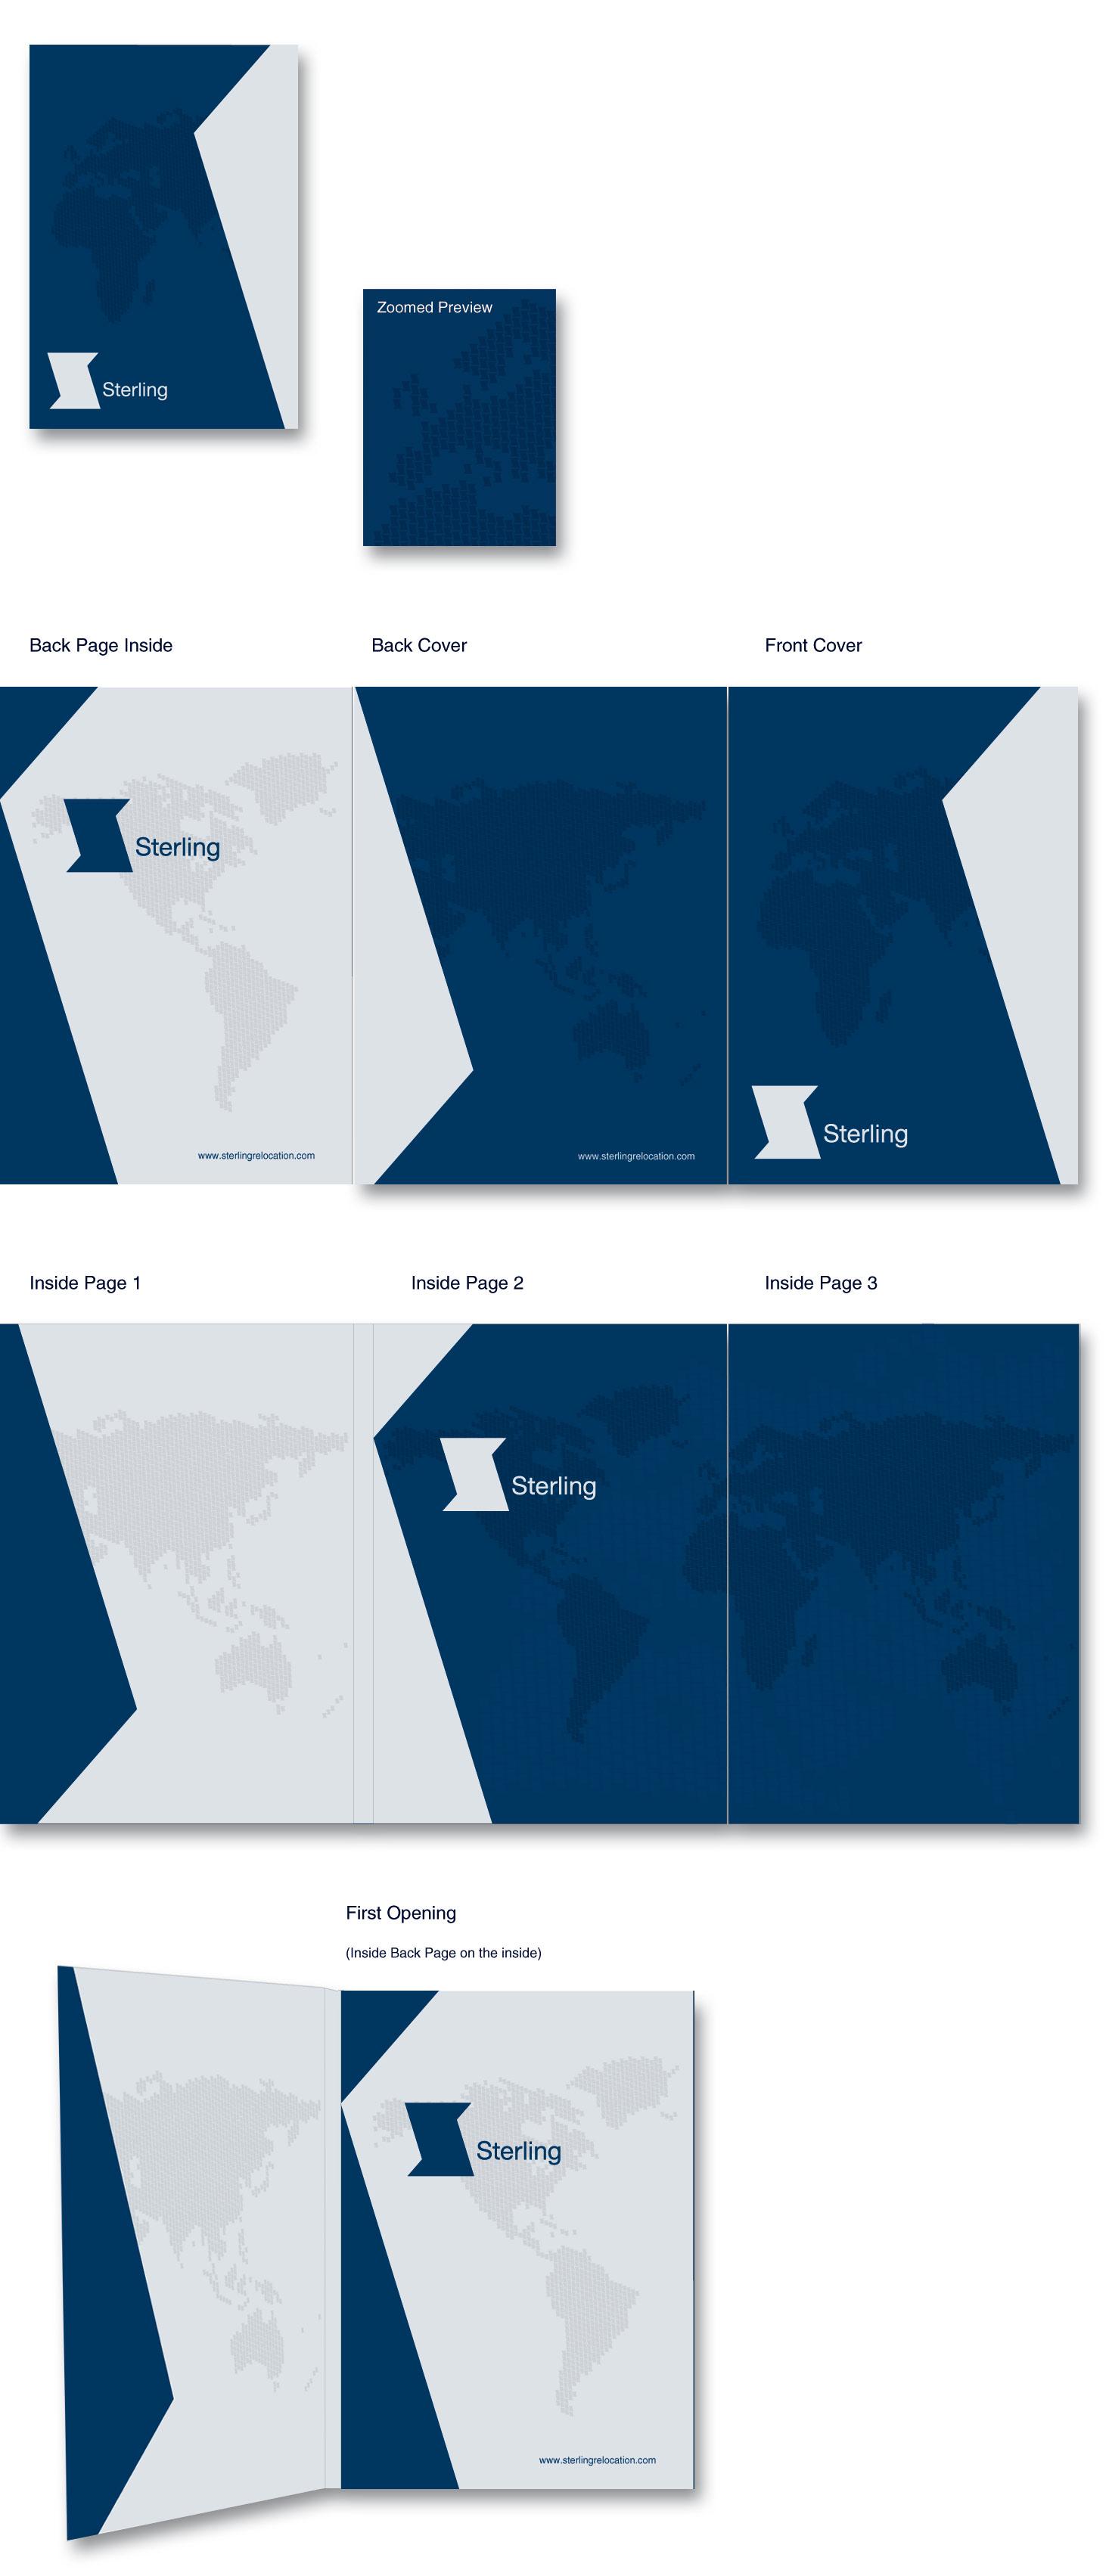 Sterling Presentation Folder Design